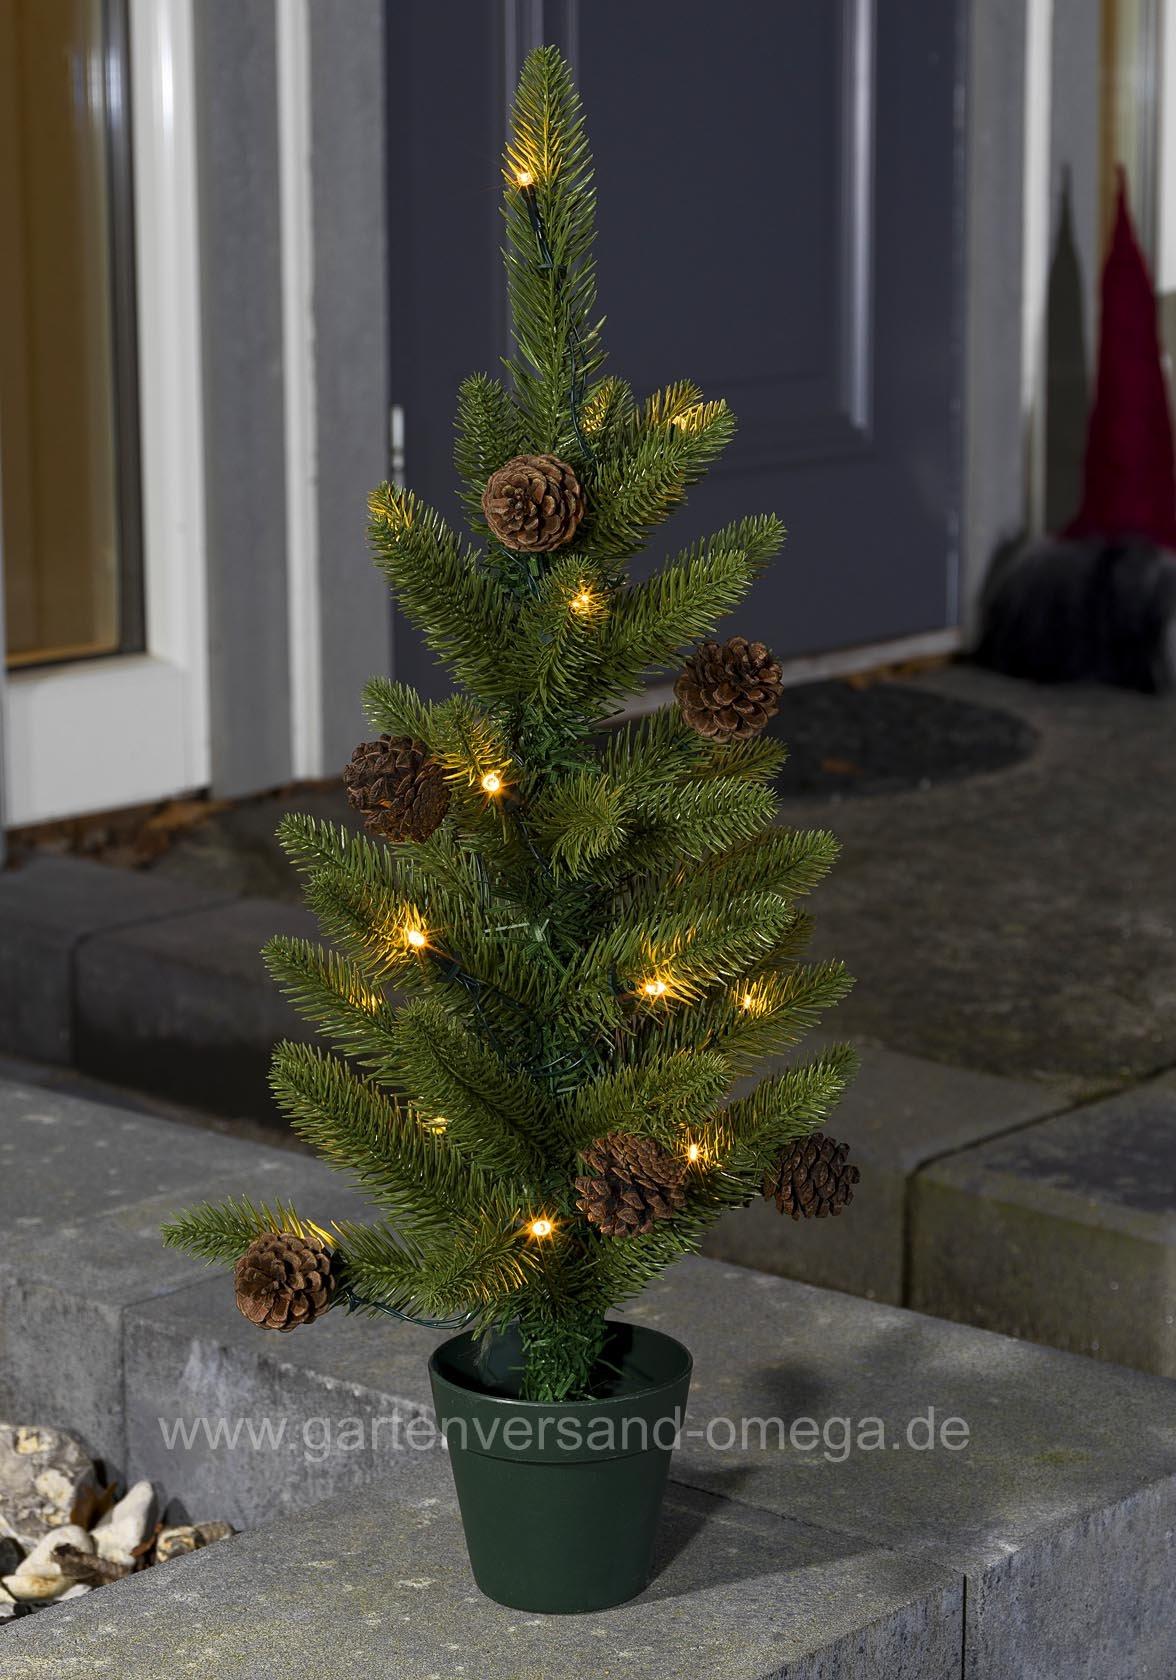 batteriebetriebener led weihnachtsbaum 60cm f r au en mini led weihnachtsbaum kleiner. Black Bedroom Furniture Sets. Home Design Ideas